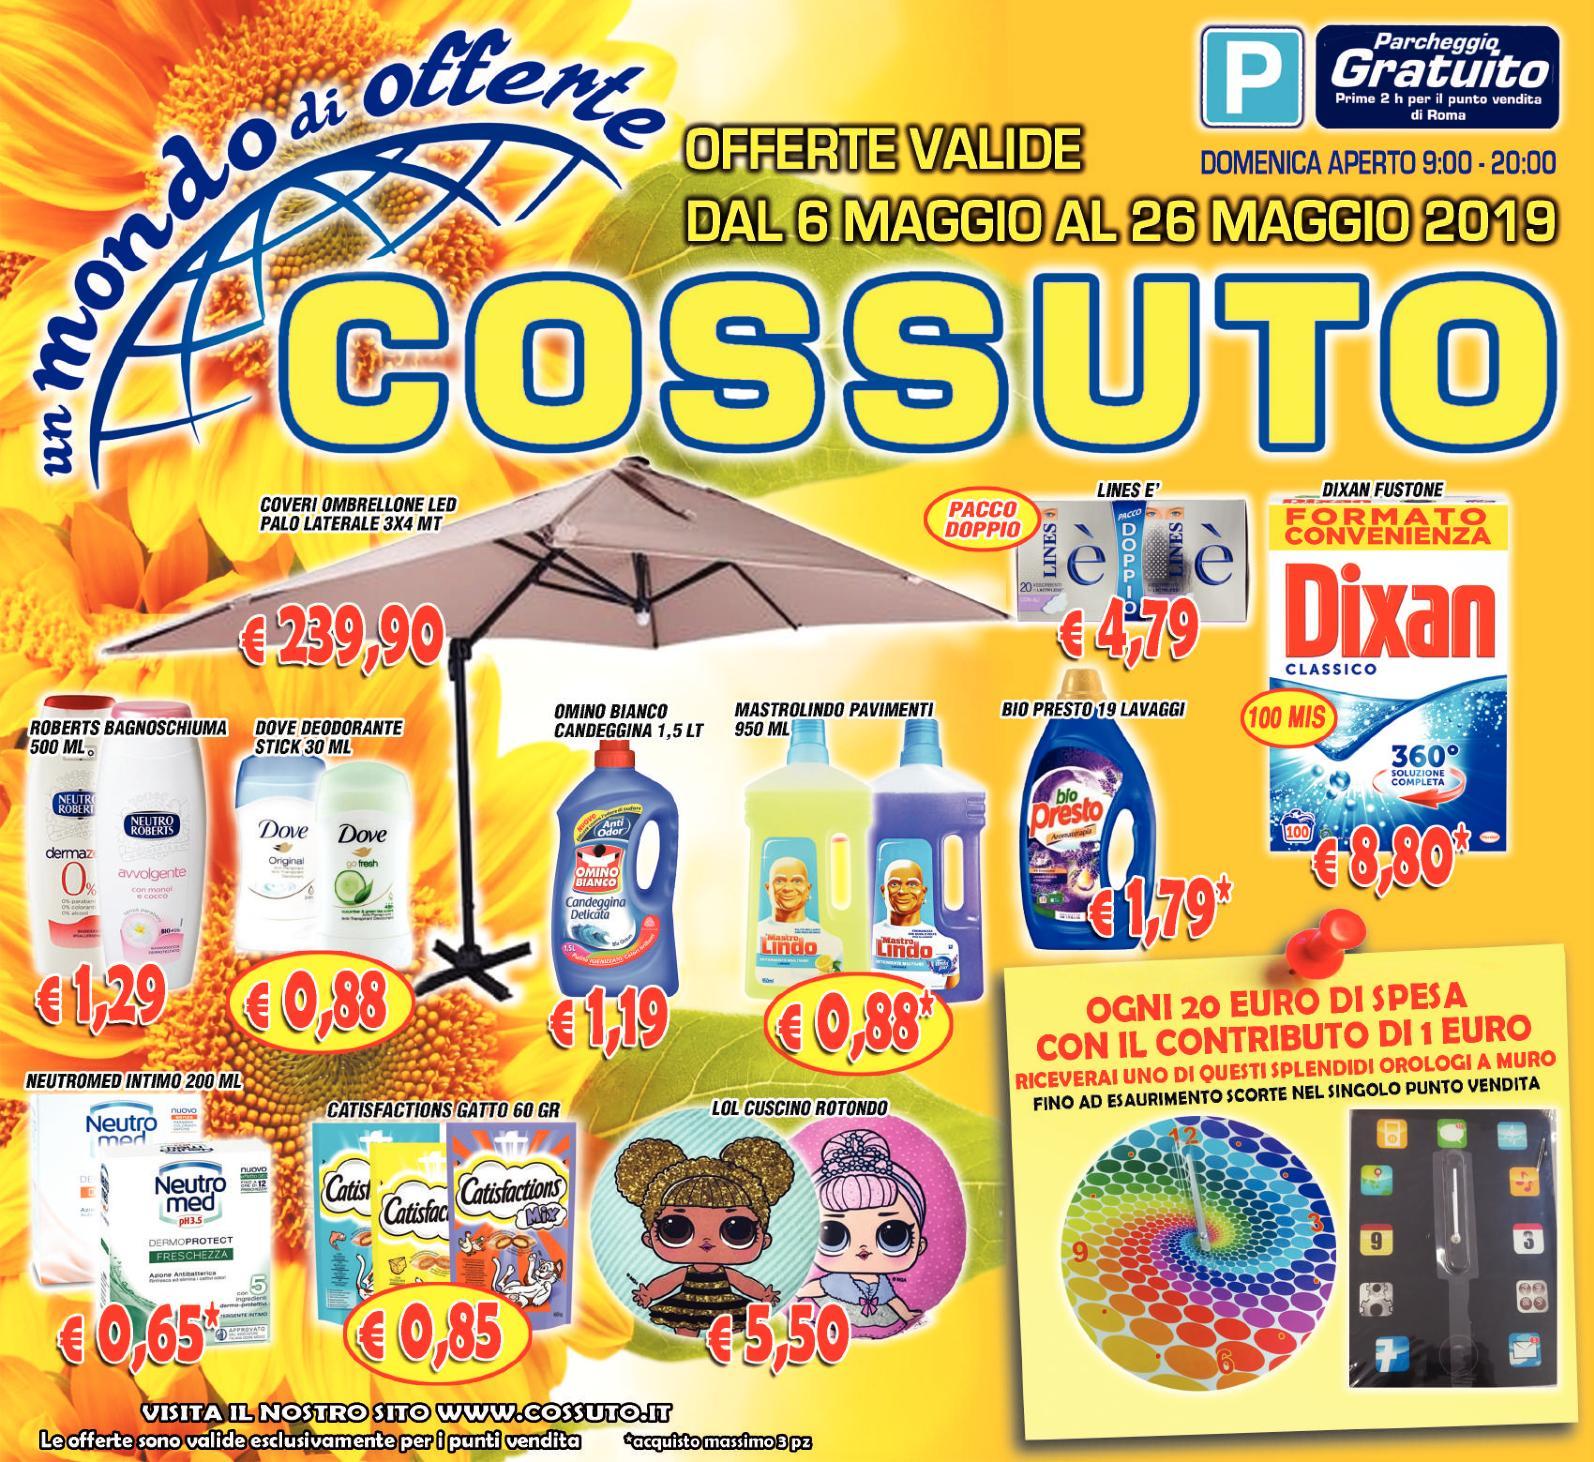 Volantino Cossuto 6 Maggio Pdf